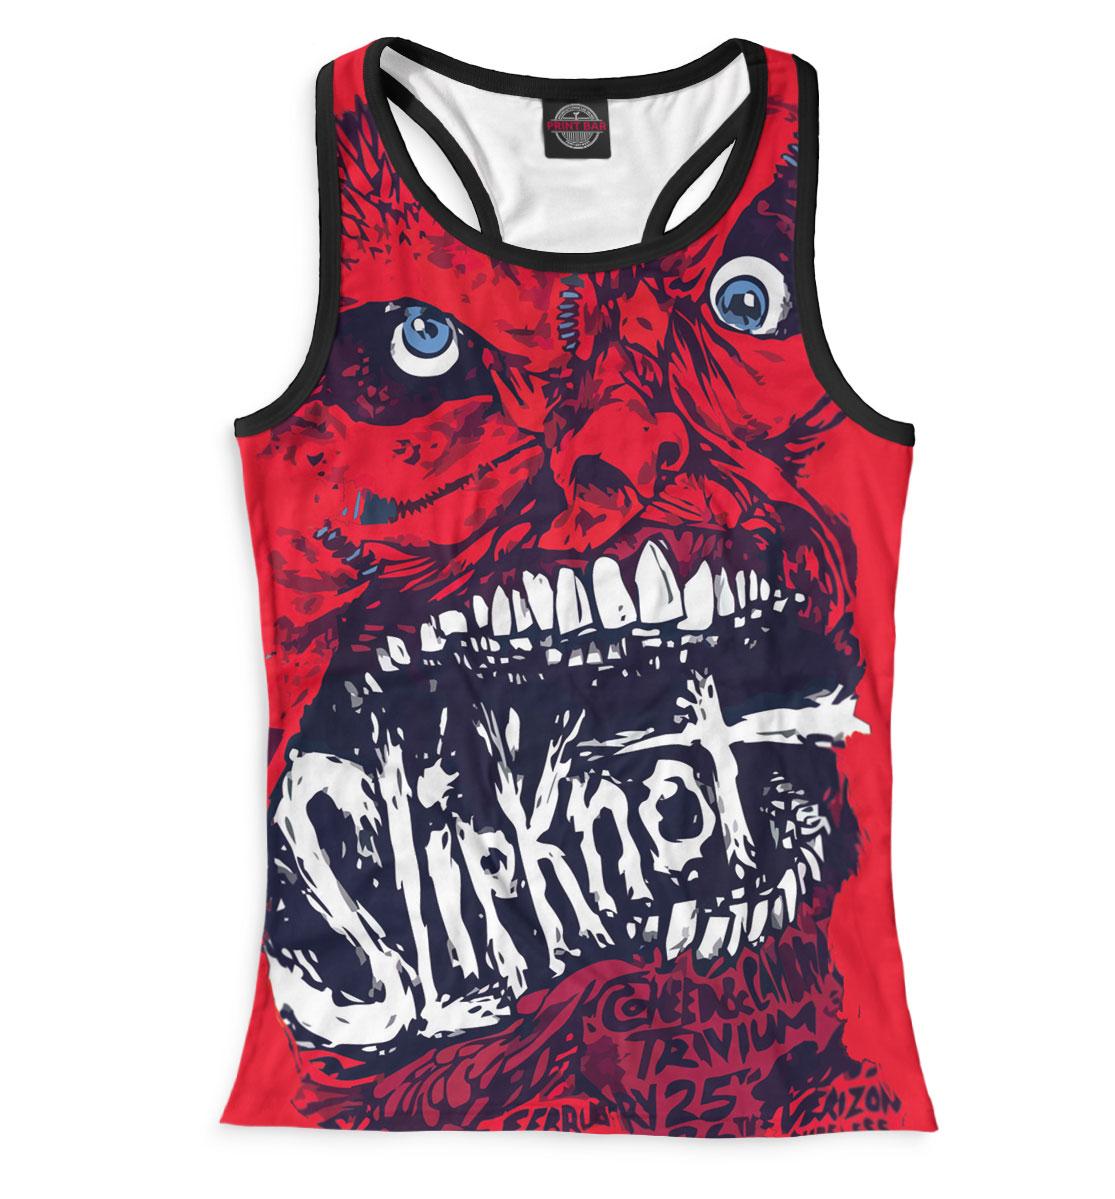 Купить Майка для девочки Slipknot SLI-495586-mayb-1